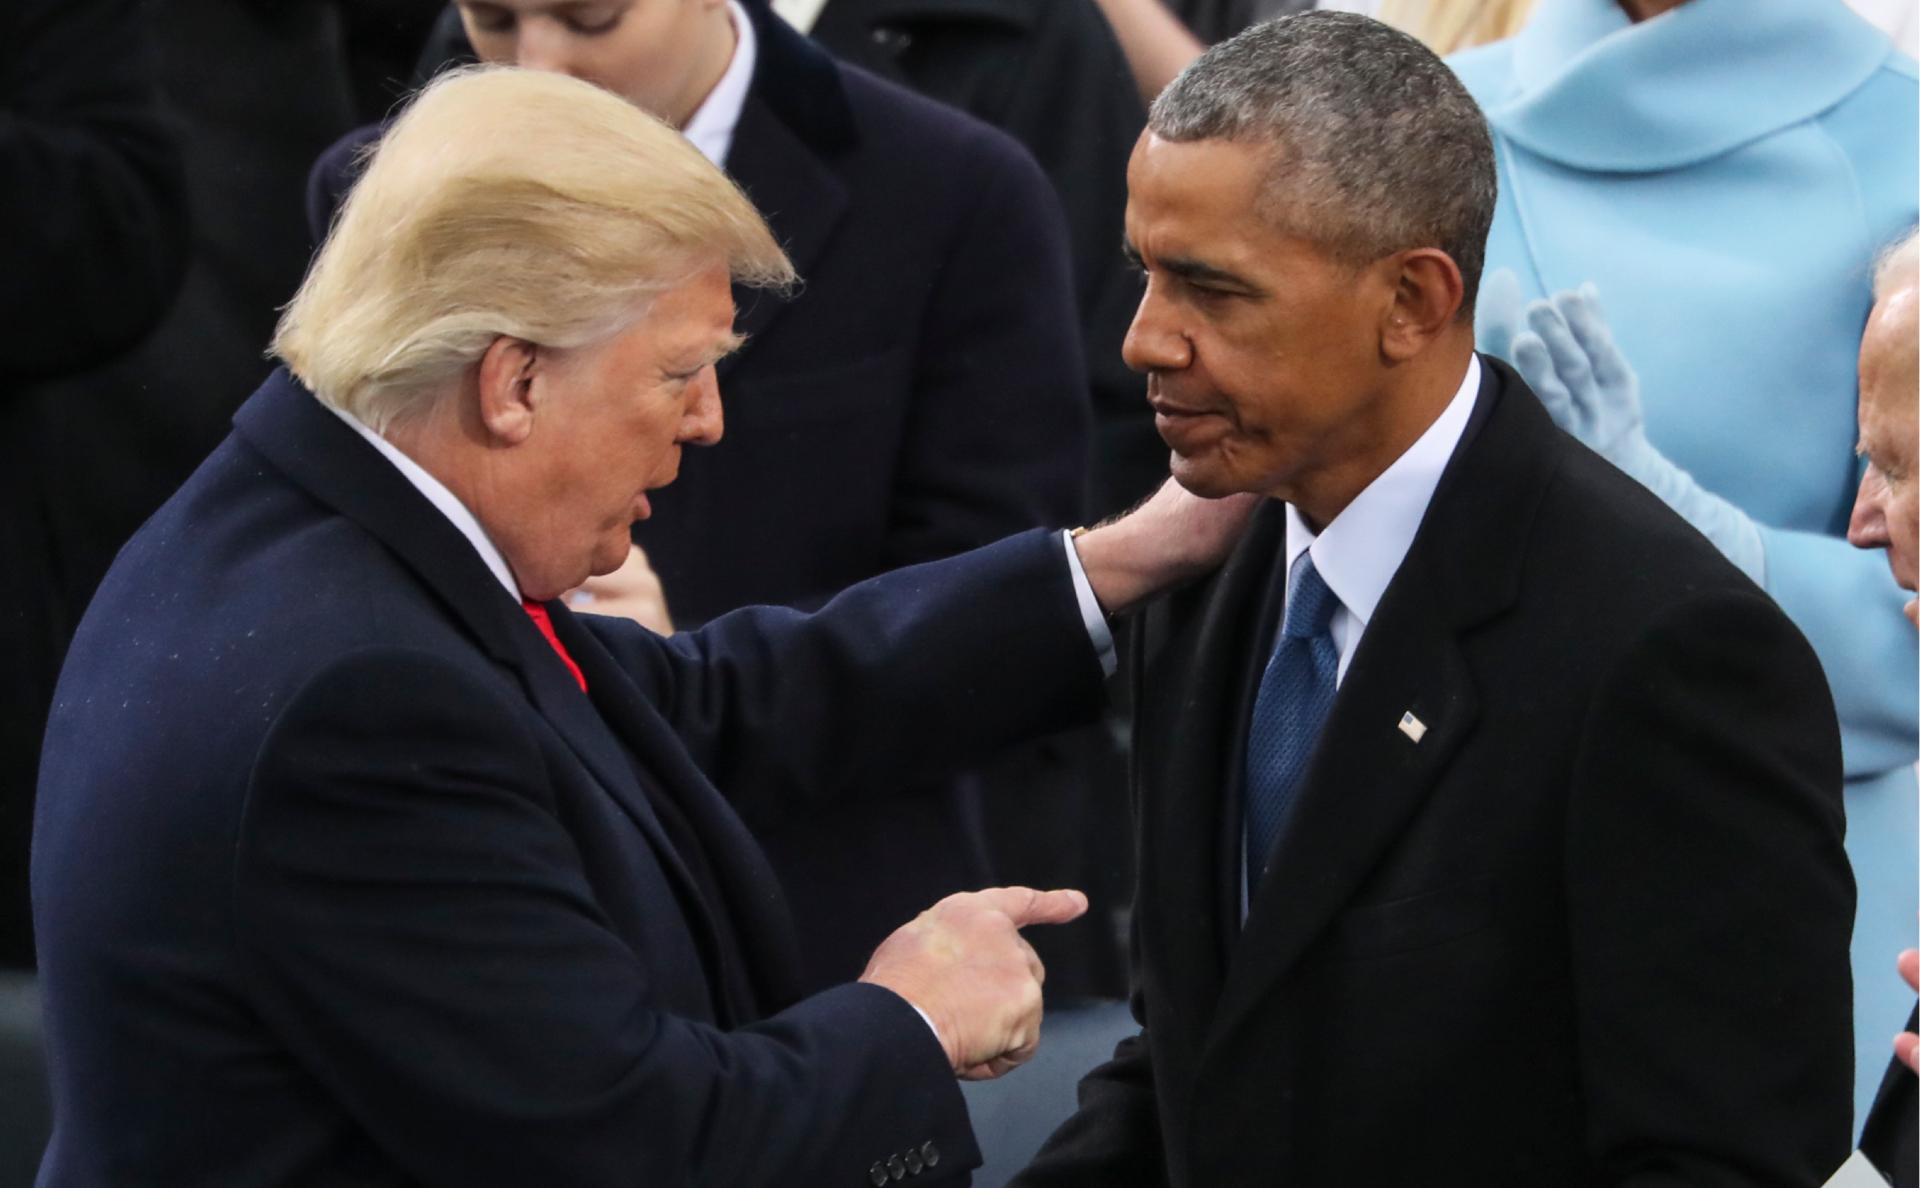 Дональд Трамп (слева) и Барака Обама